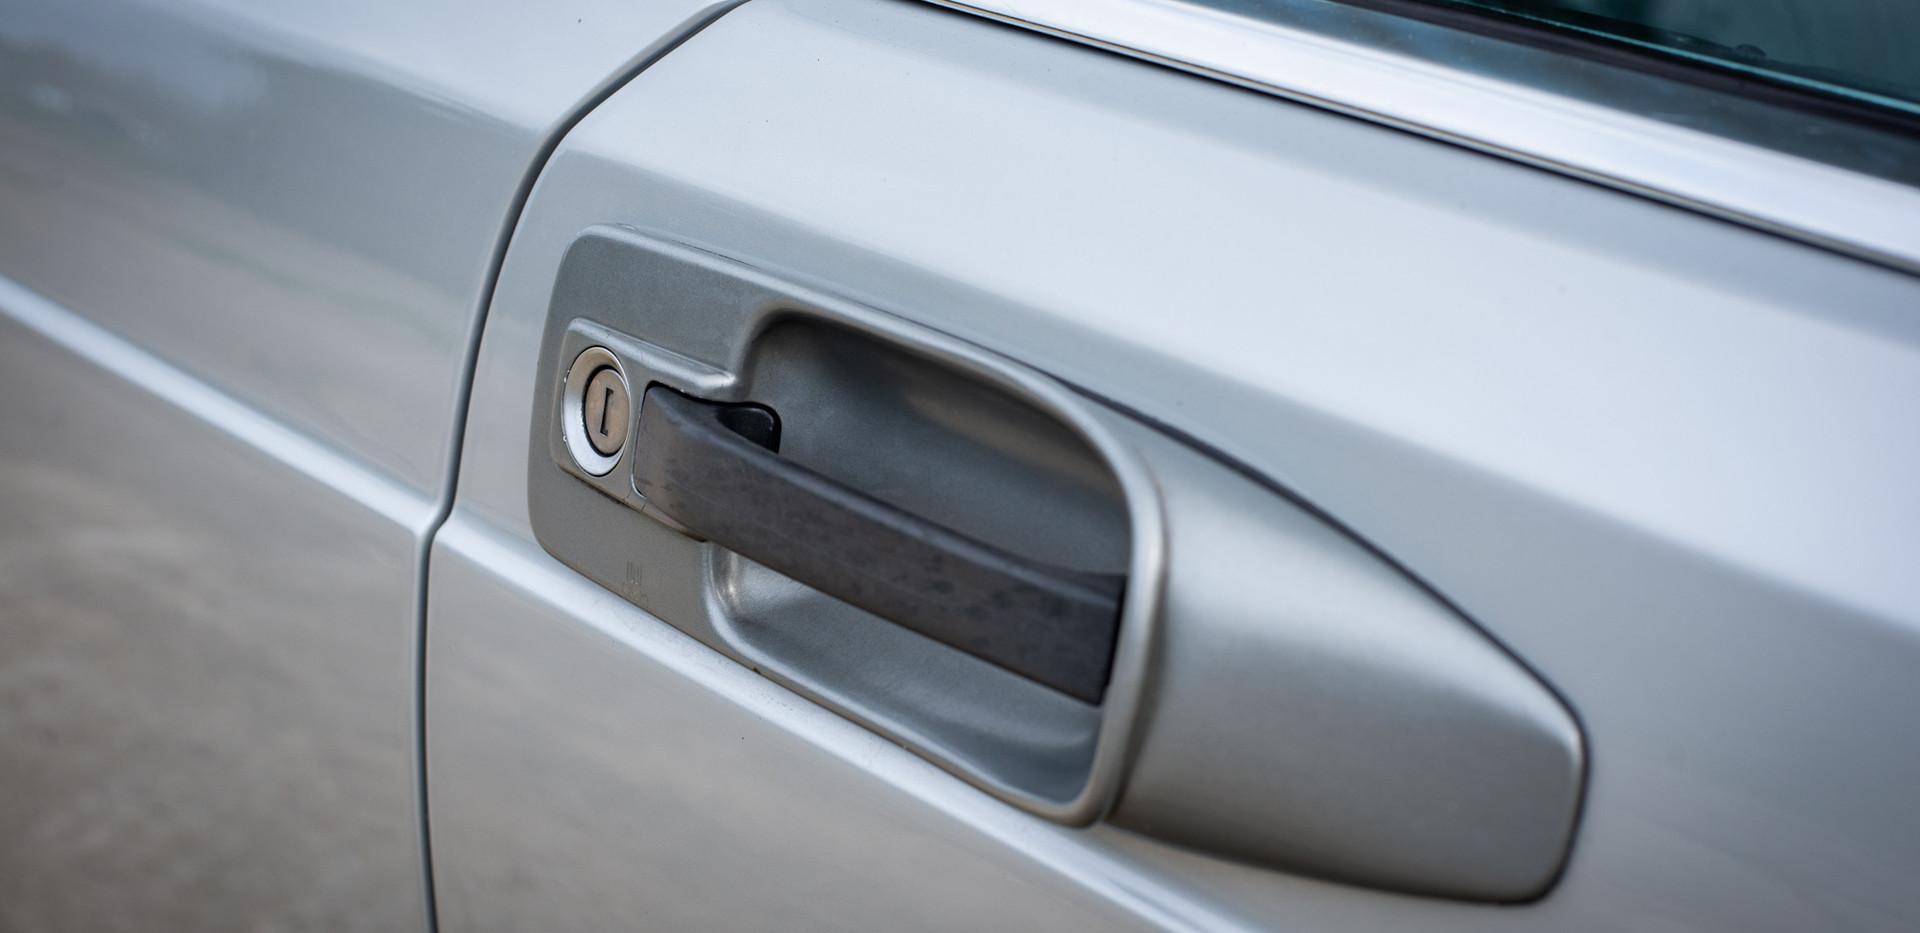 W126 420SEC - Uk for sale london-29.jpg